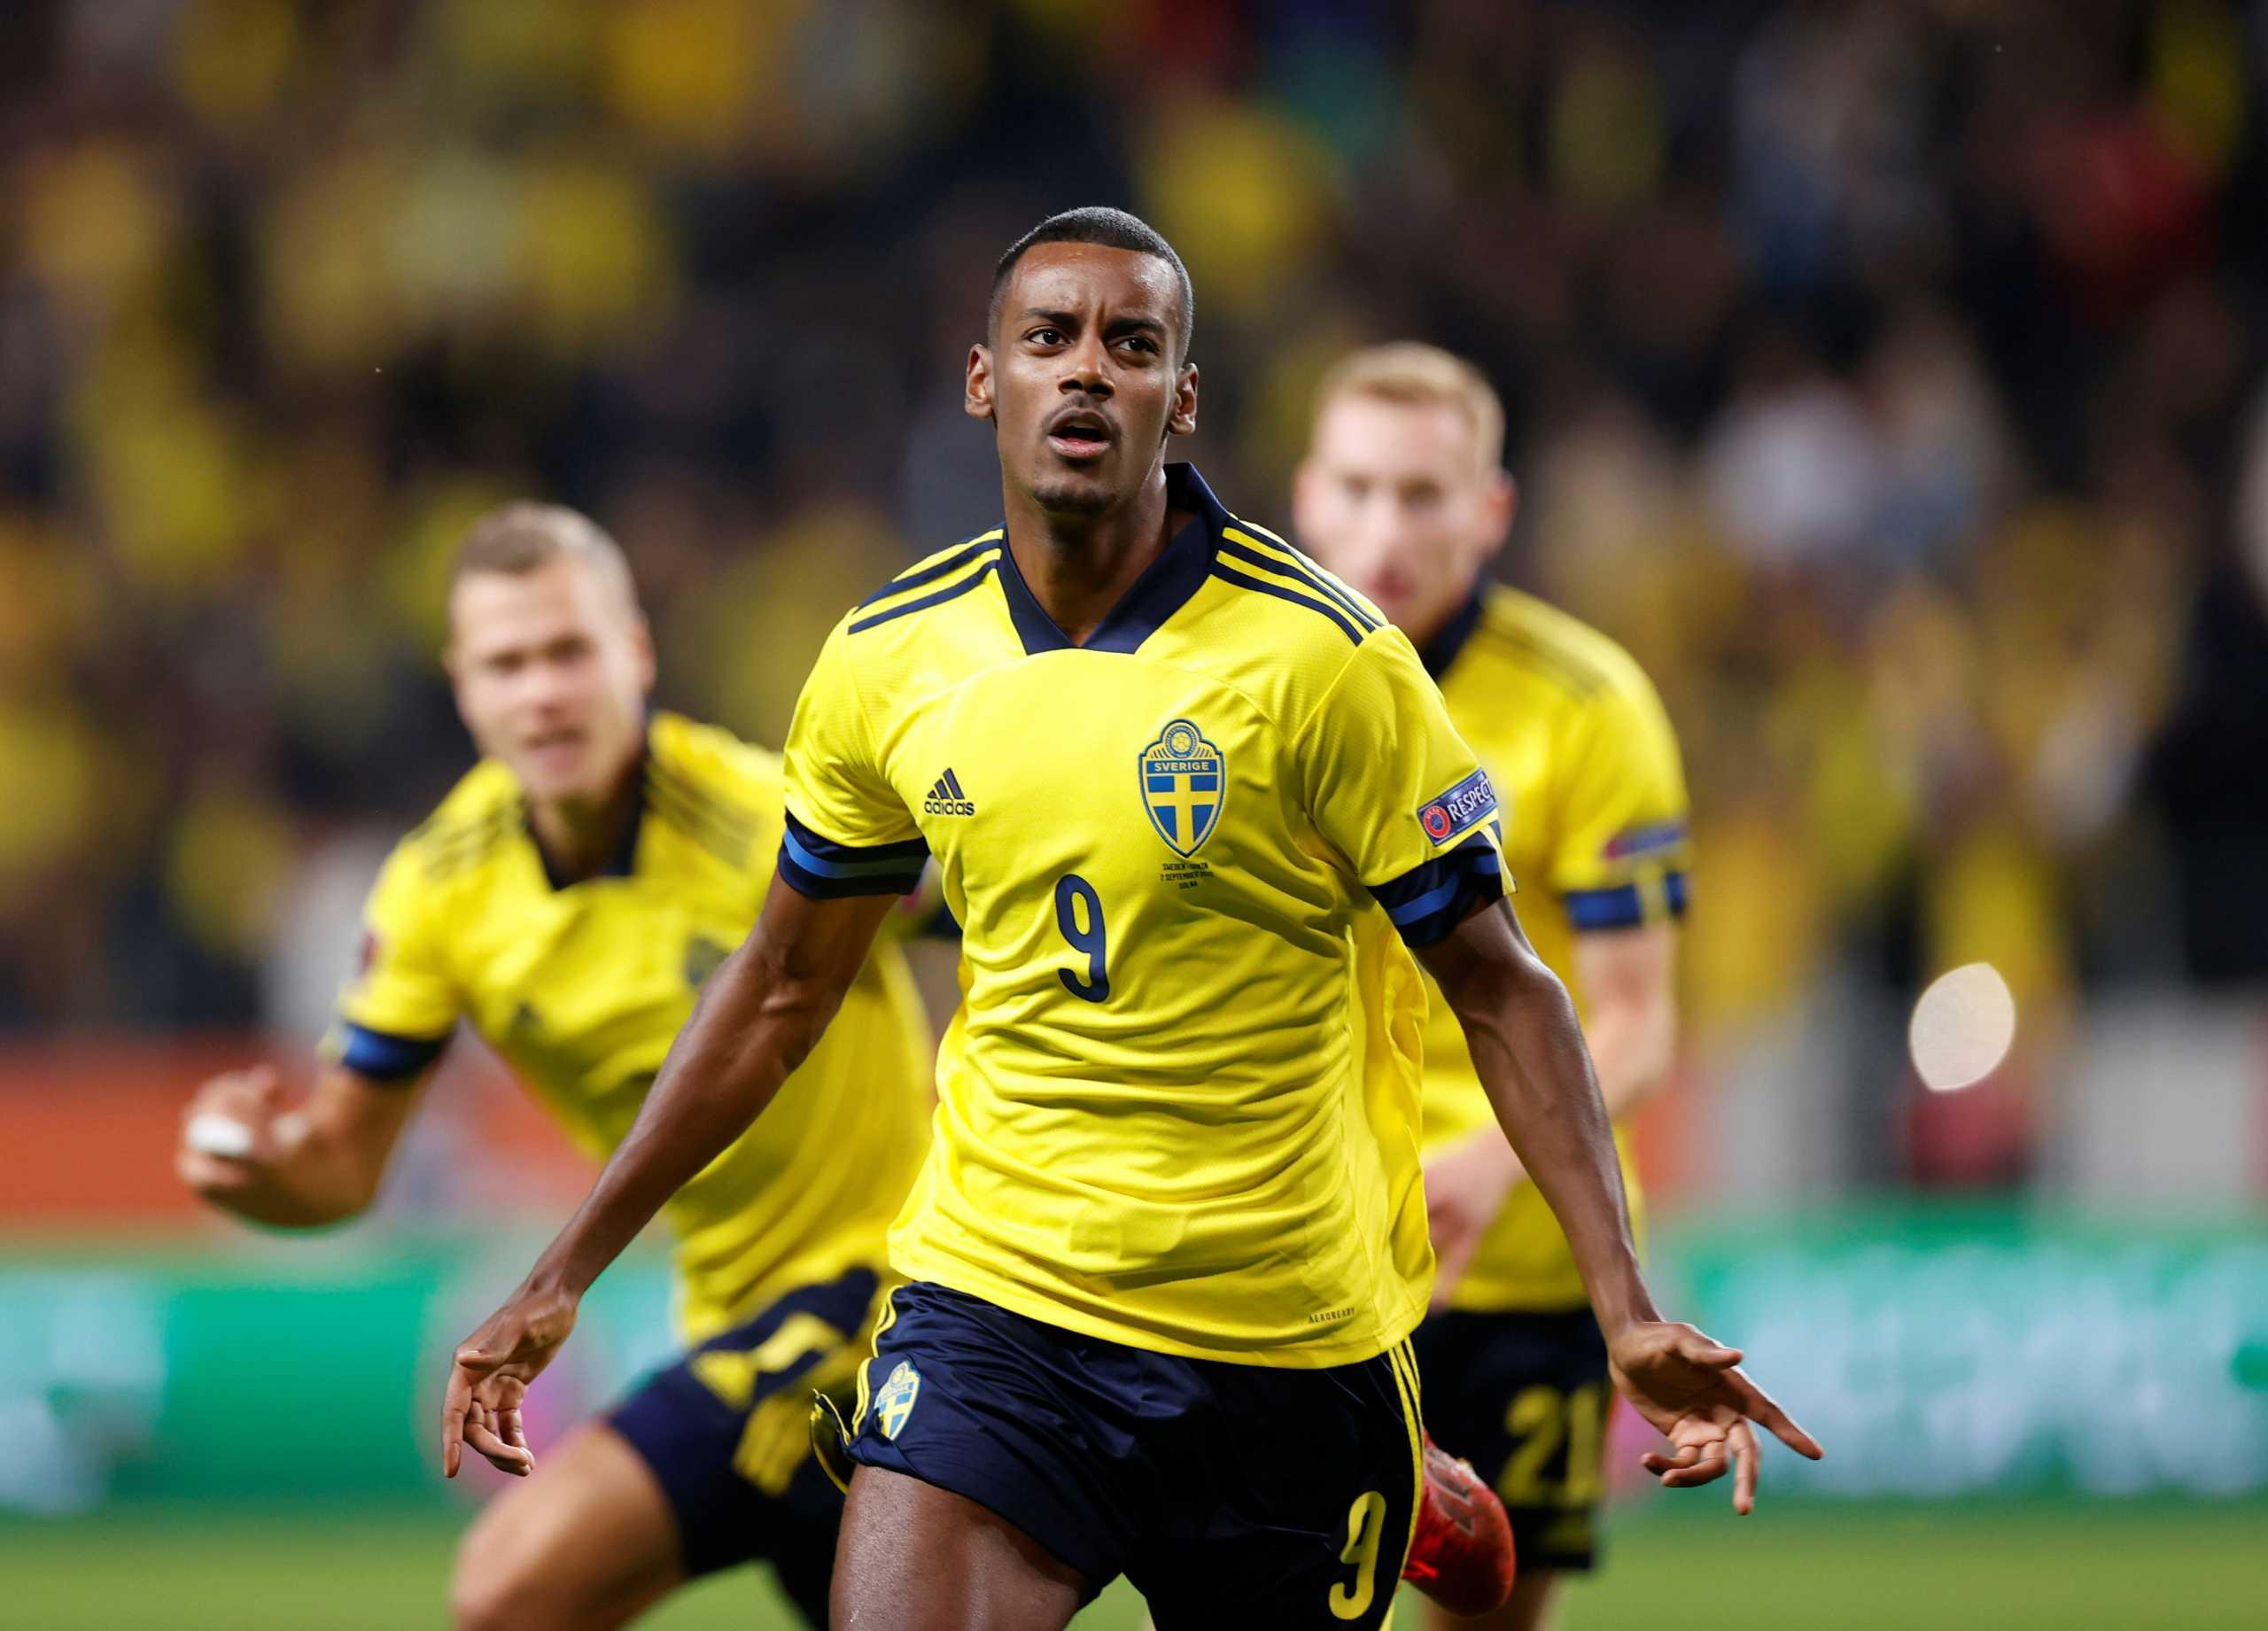 Προκριματικά Παγκοσμίου Κυπέλλου, Σουηδία – Ισπανία 2-1: Ανατροπή και πρωτιά για τους Σουηδούς στον όμιλο της Ελλάδας